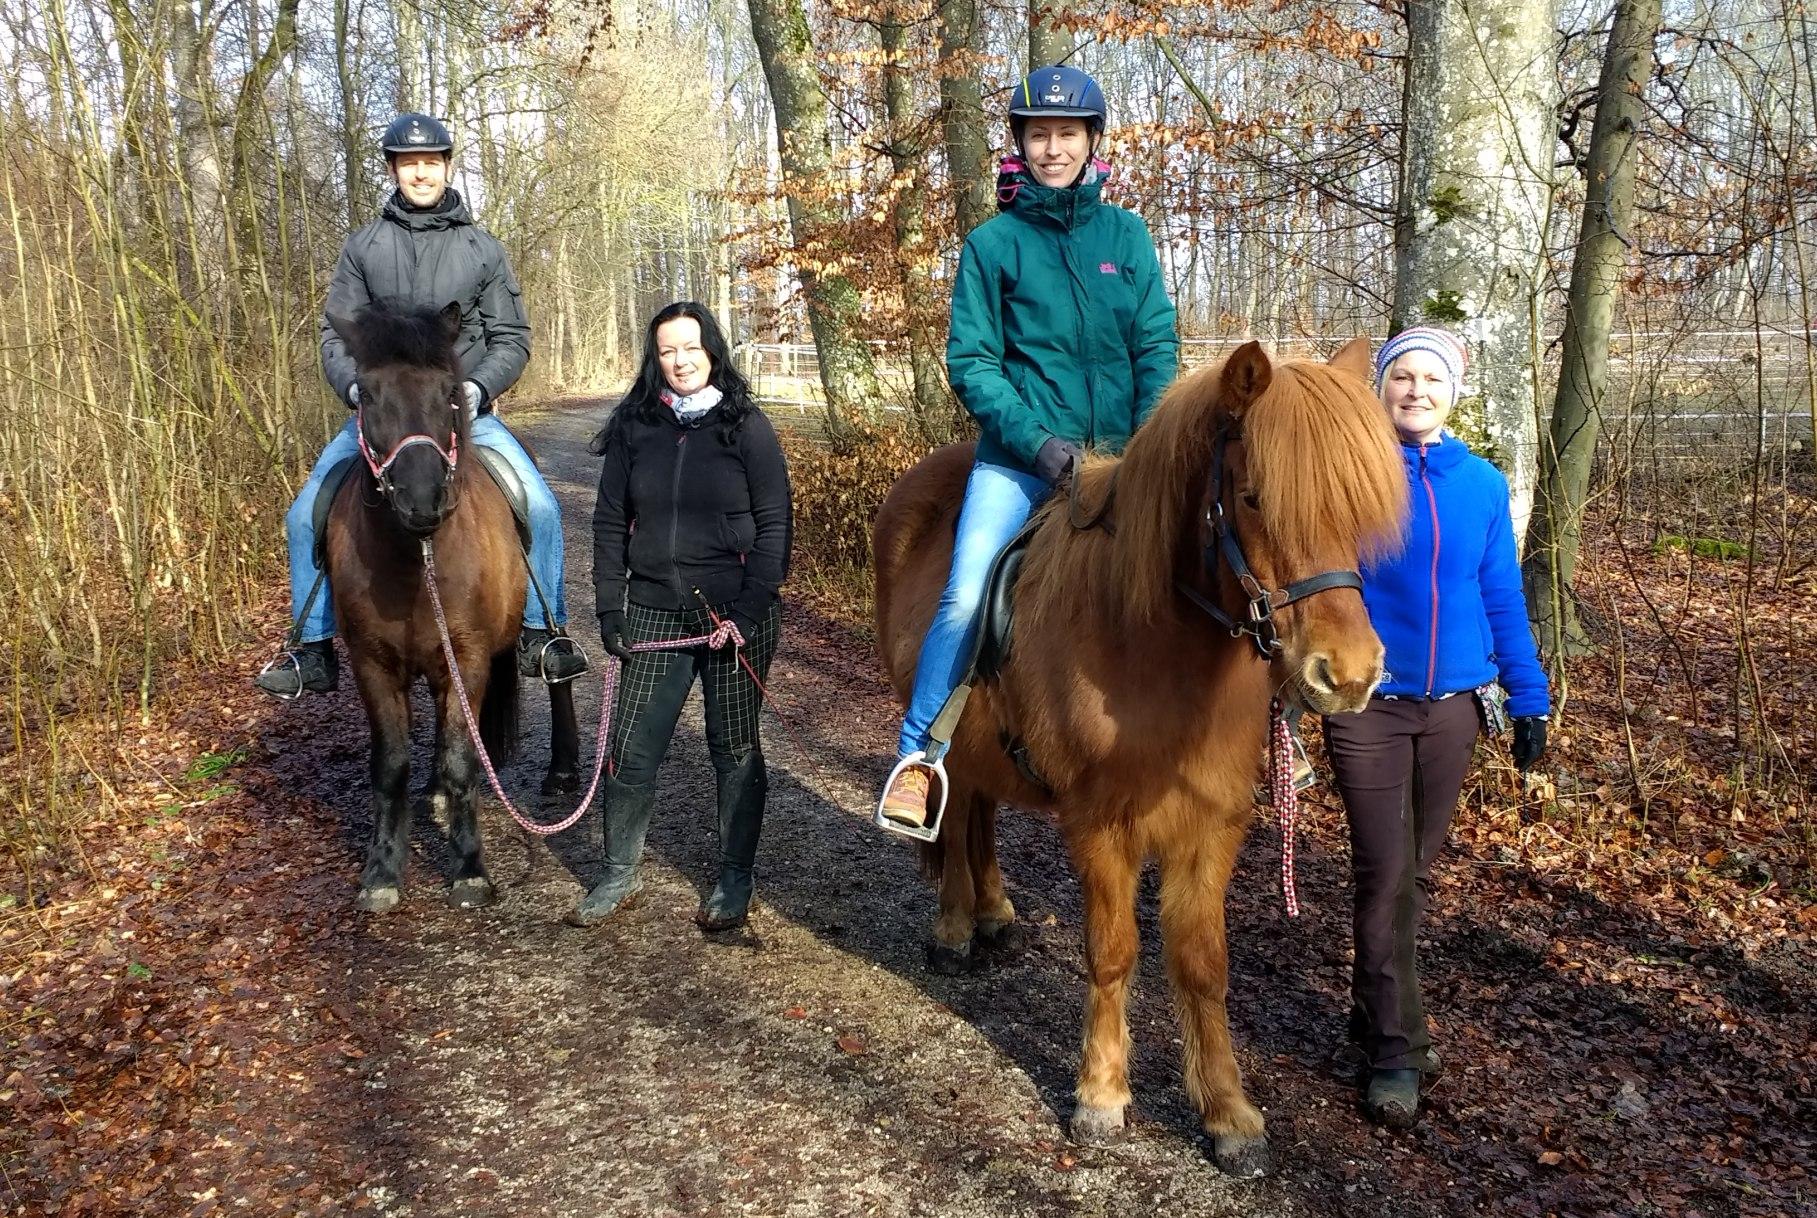 Leo und Sebastian sitzen auf Pferden und werden von zwei Frauen geführt